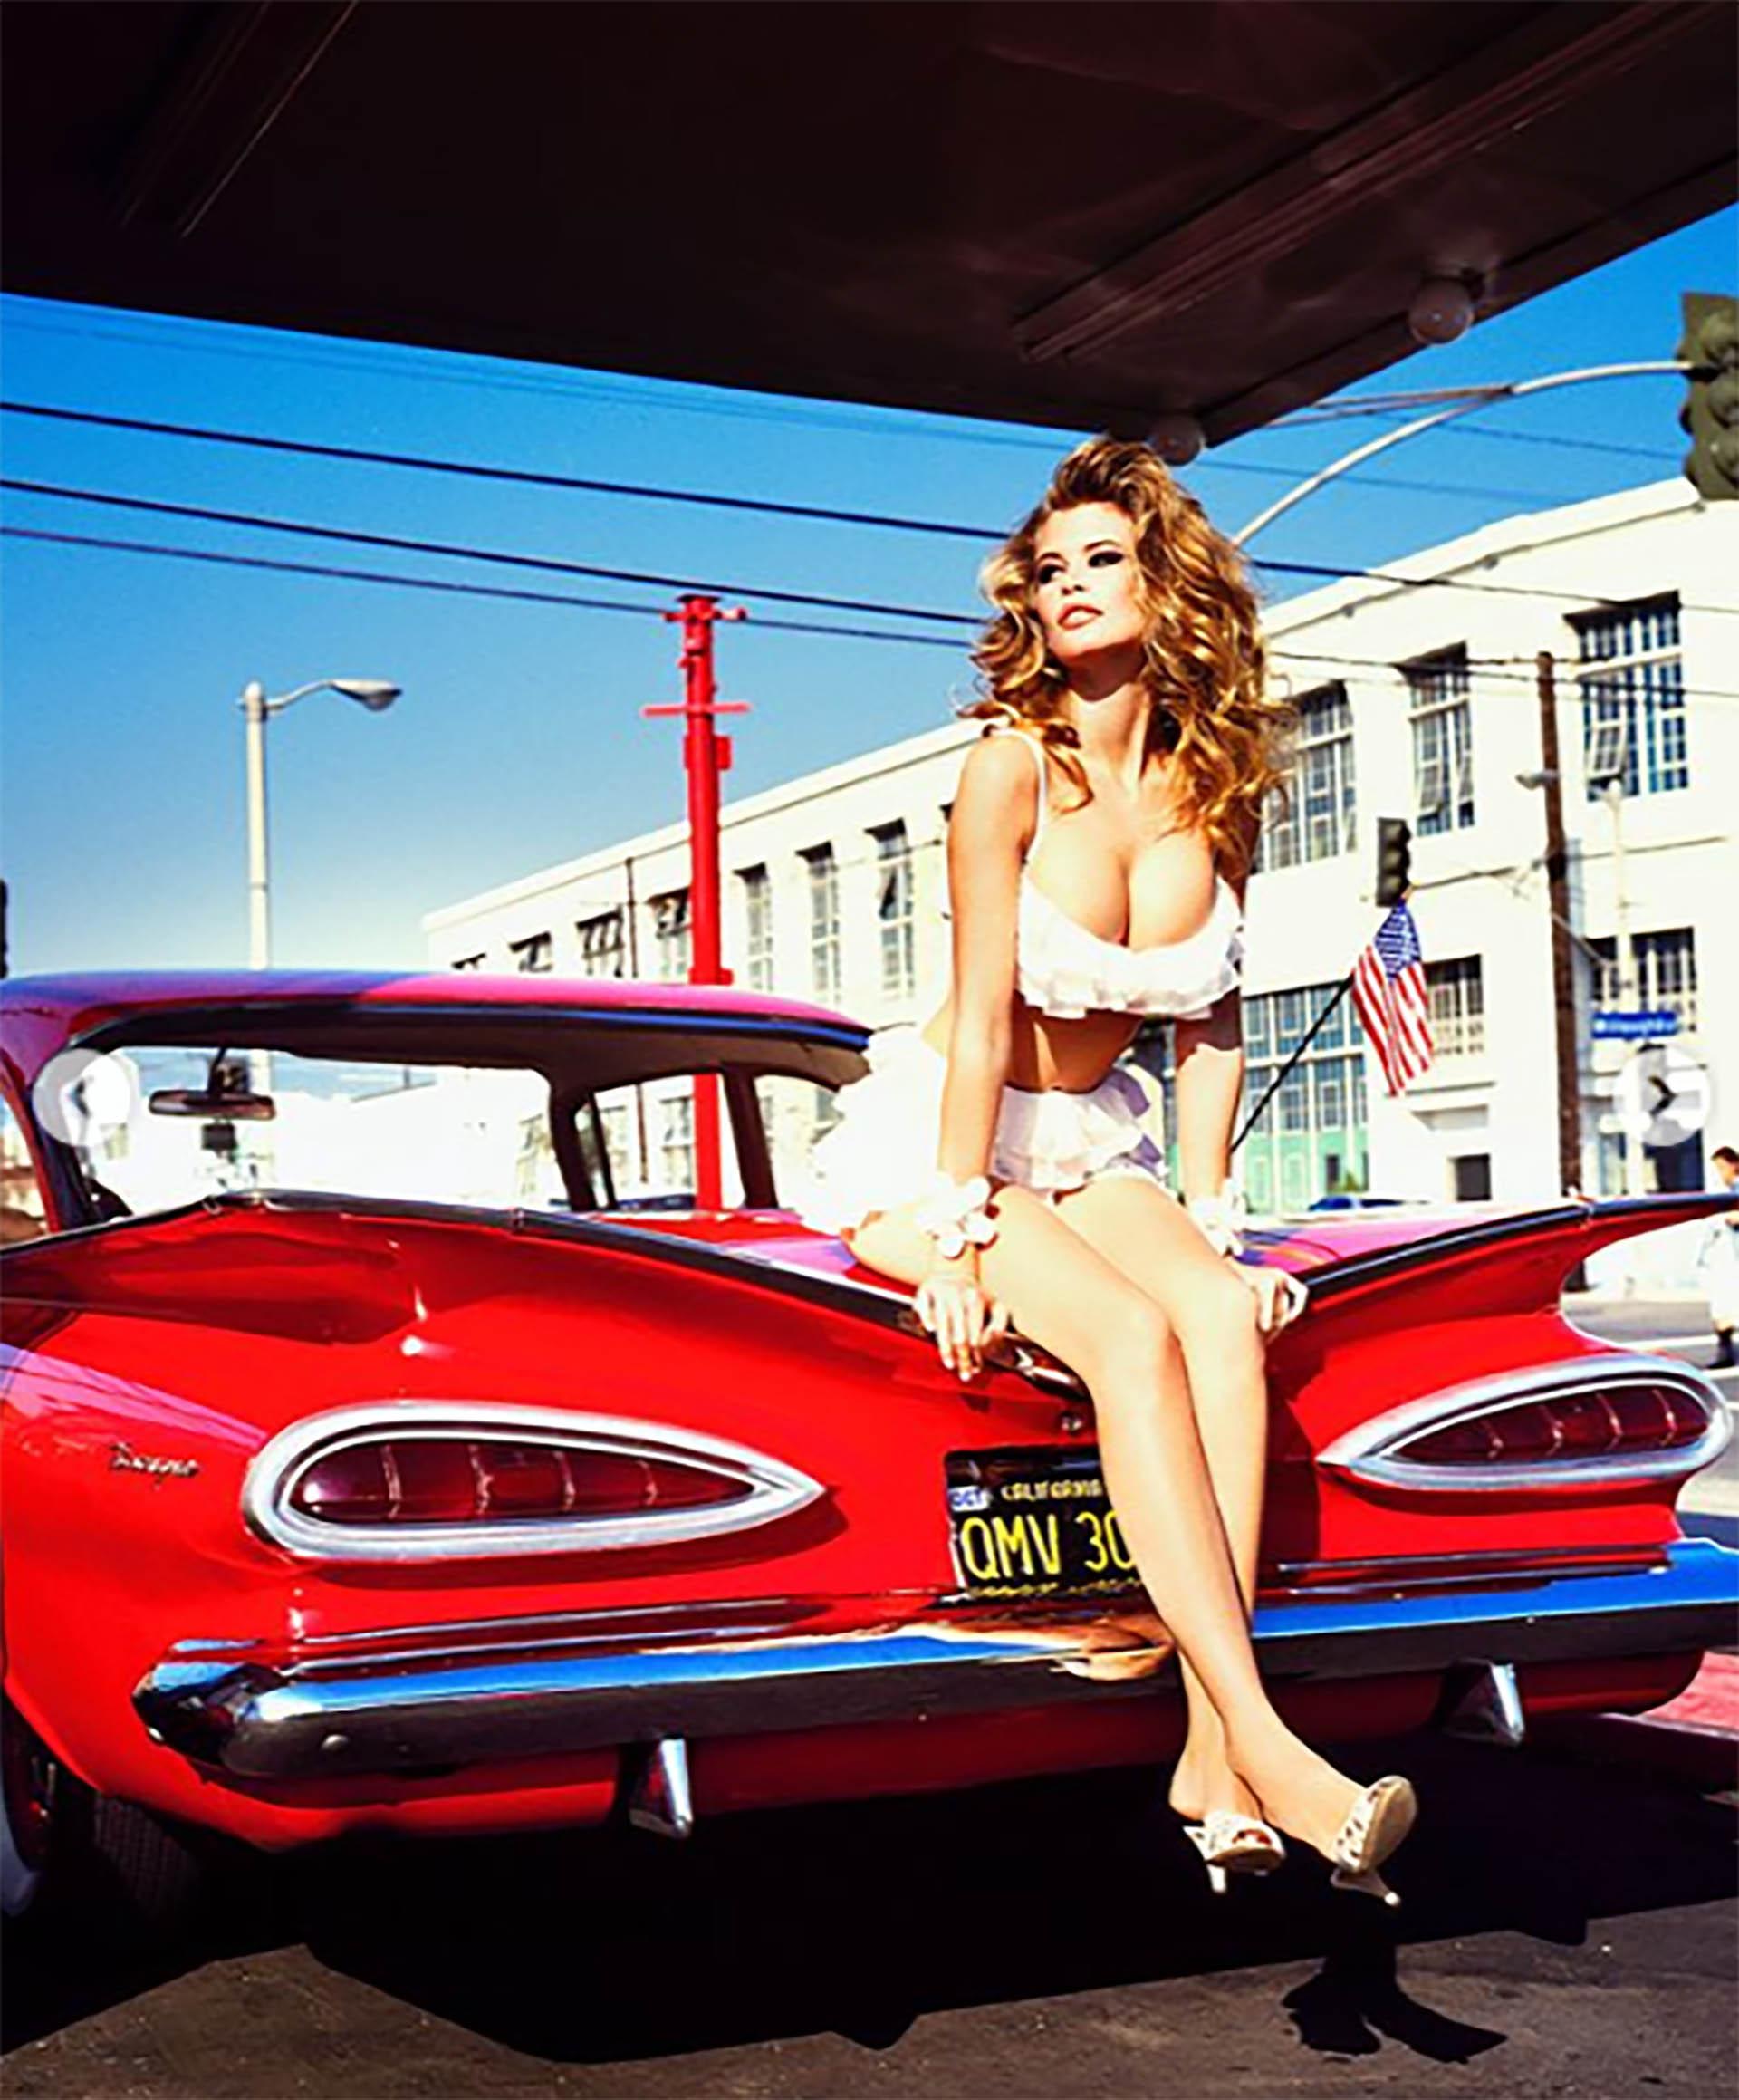 Batió un récord Guinnes al ser la modelo que más portadas ha realizado a nivel mundial con más de 900 apariciones